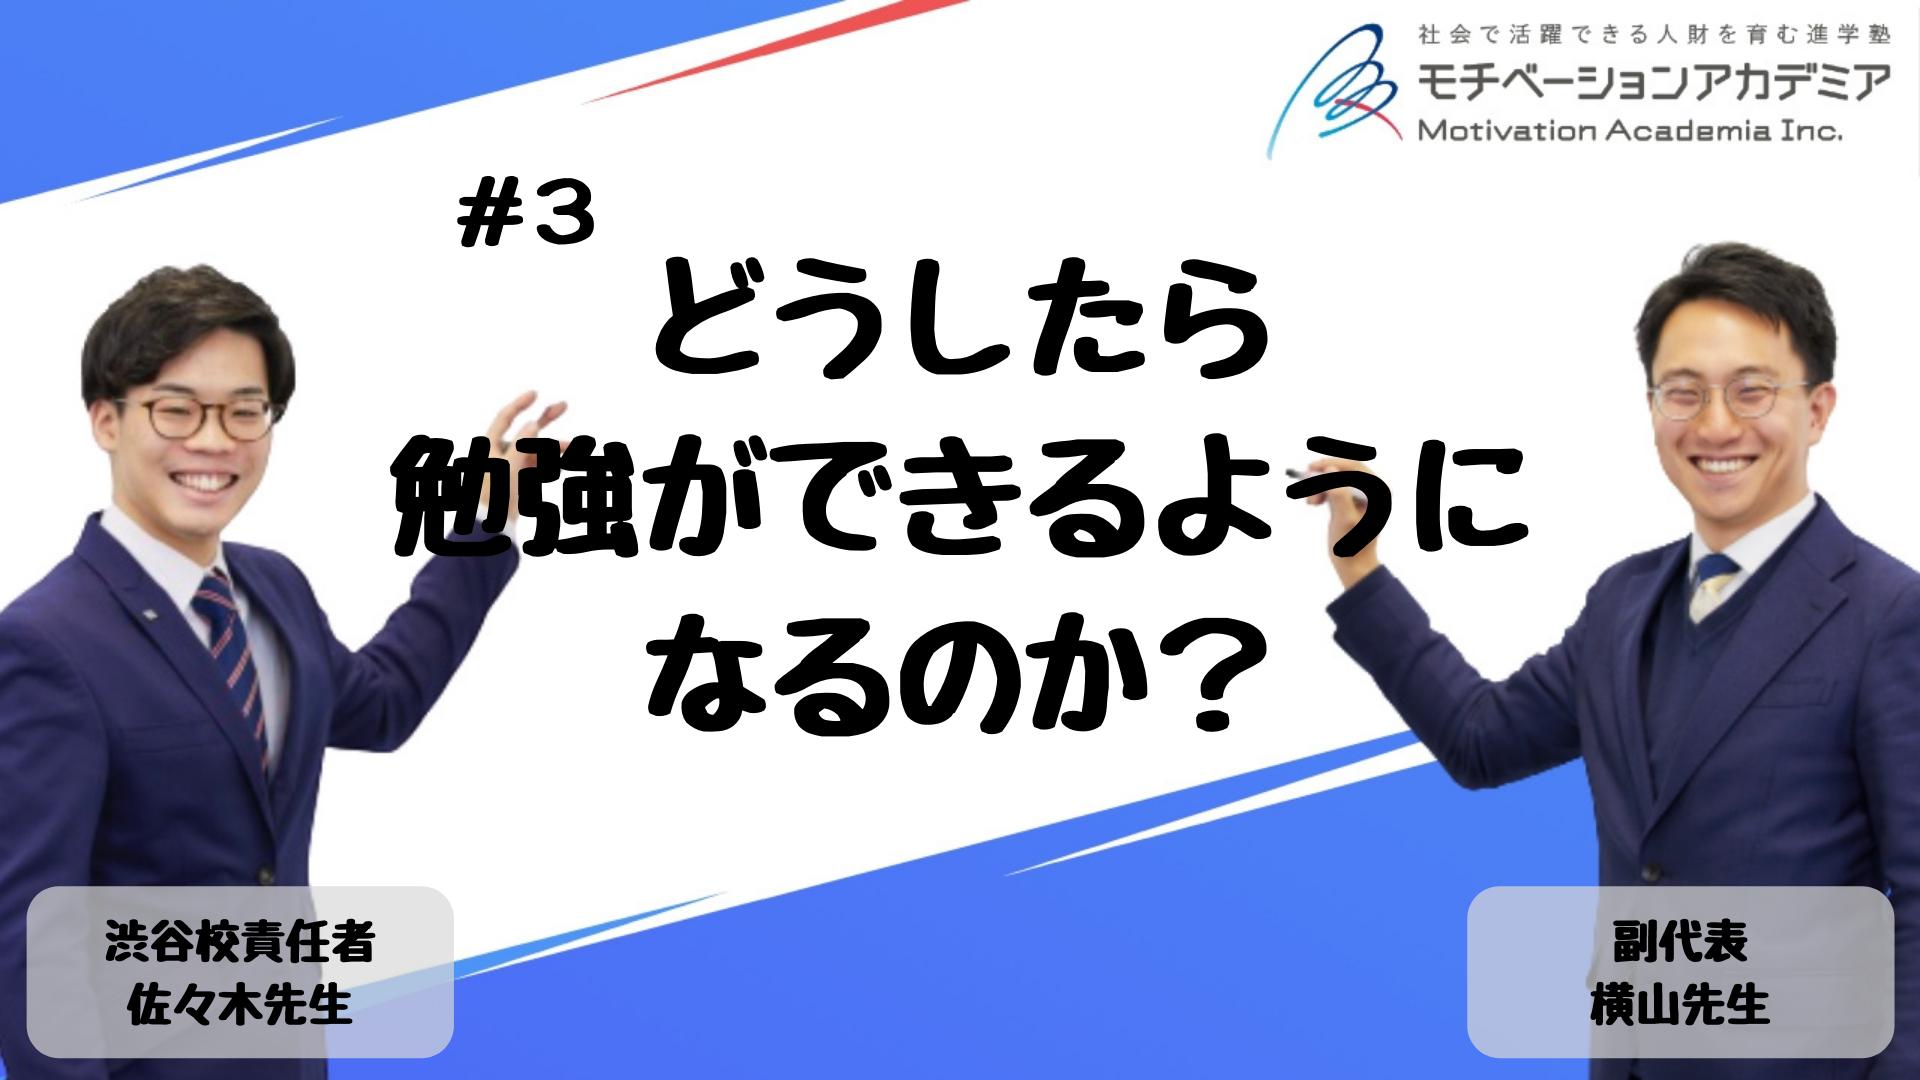 【動画】#3 どうやったら「勉強ができる」ようになるのか?